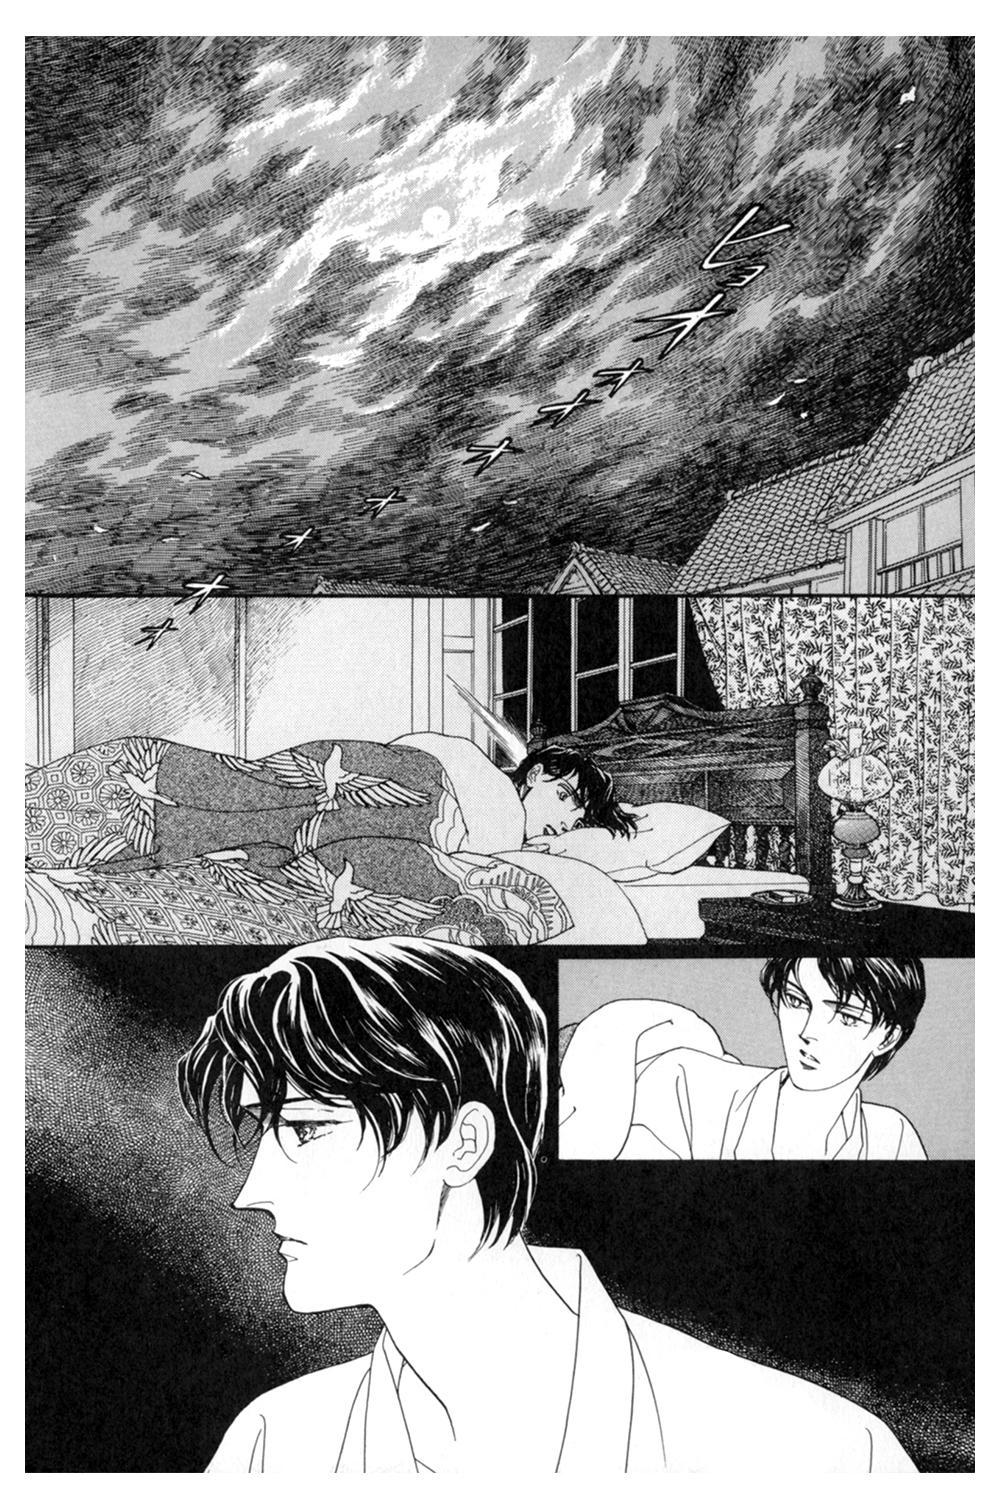 雨柳堂夢咄 第1話「花椿の恋」①uryu08.jpg